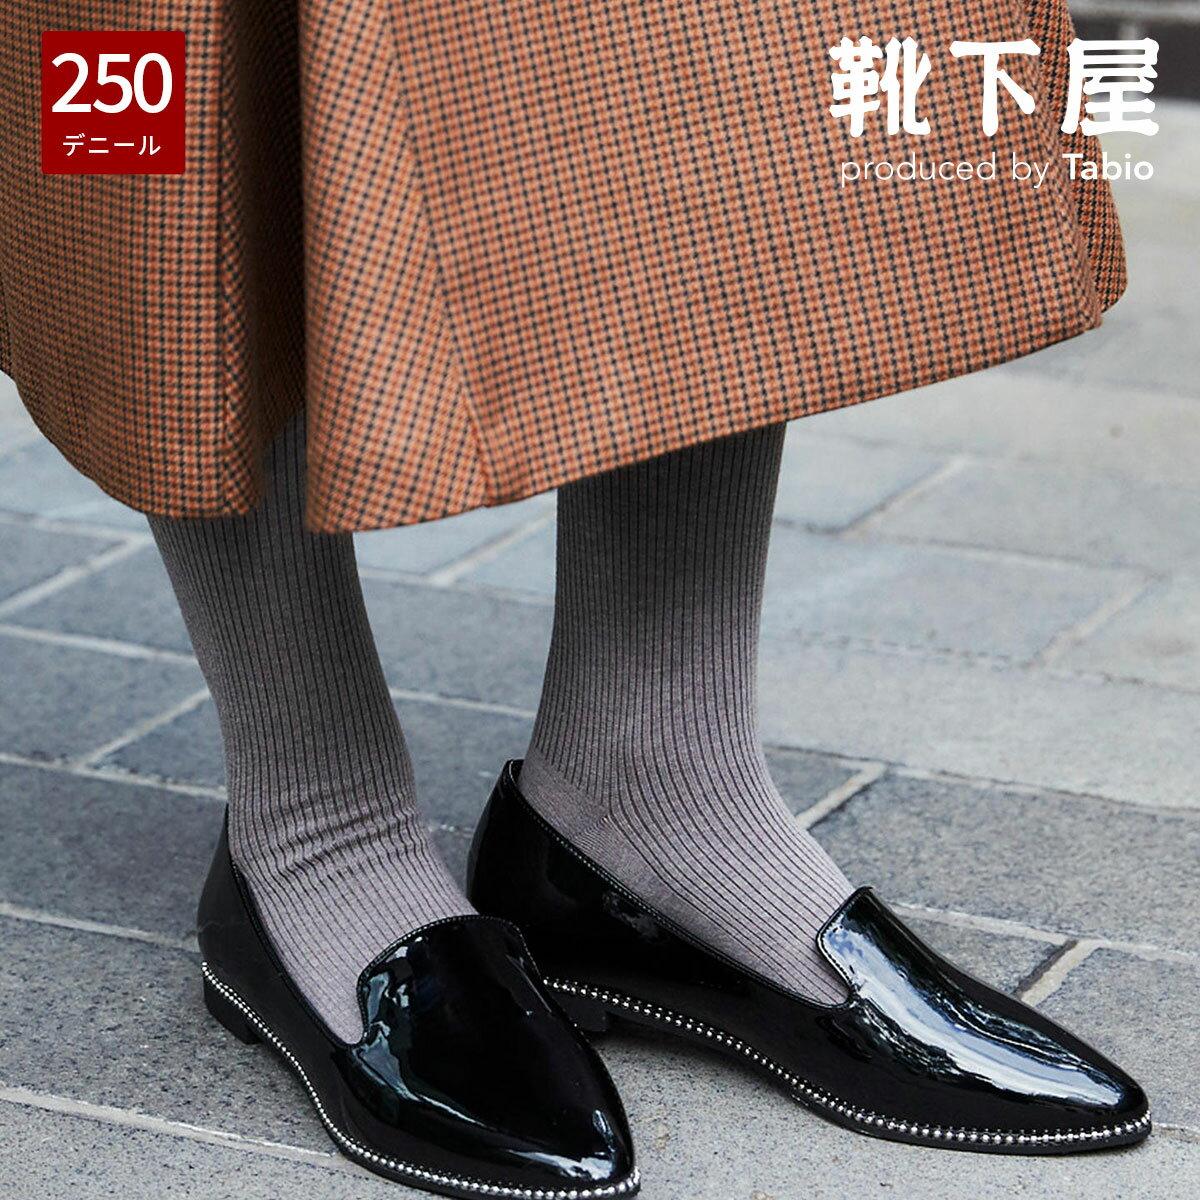 【あす楽】【靴下屋】綿混3×1リブタイツ / 靴下 タビオ Tabio くつ下 レディース タイツ カラータイツ デニール 日本製